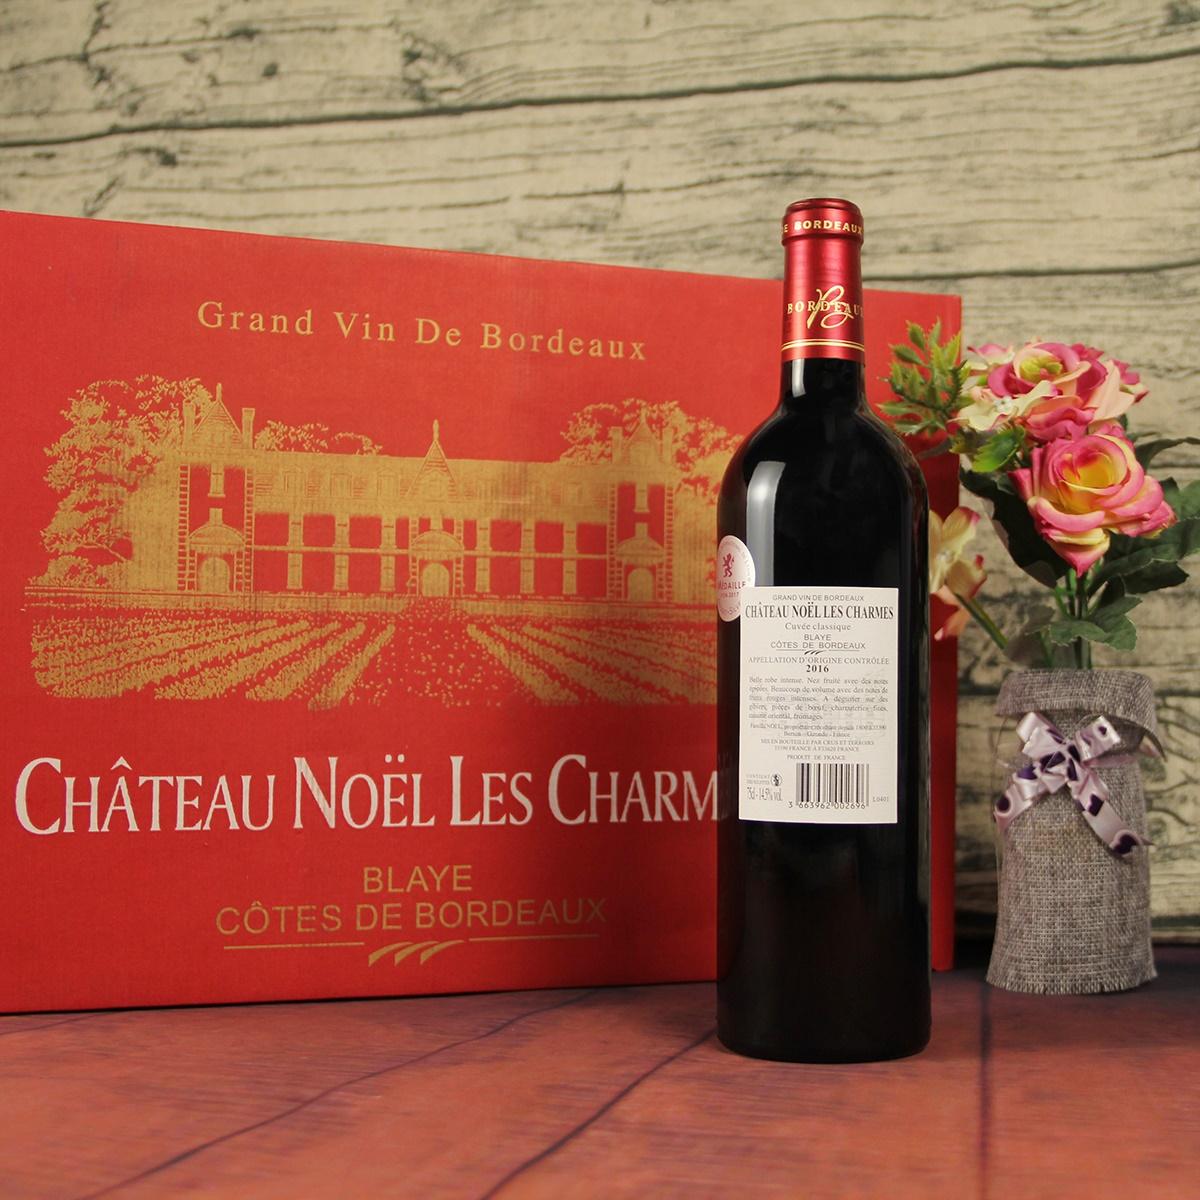 法国波尔多布莱依丘诺雷古堡混酿经典特酿AOC(村庄级)干红葡萄酒